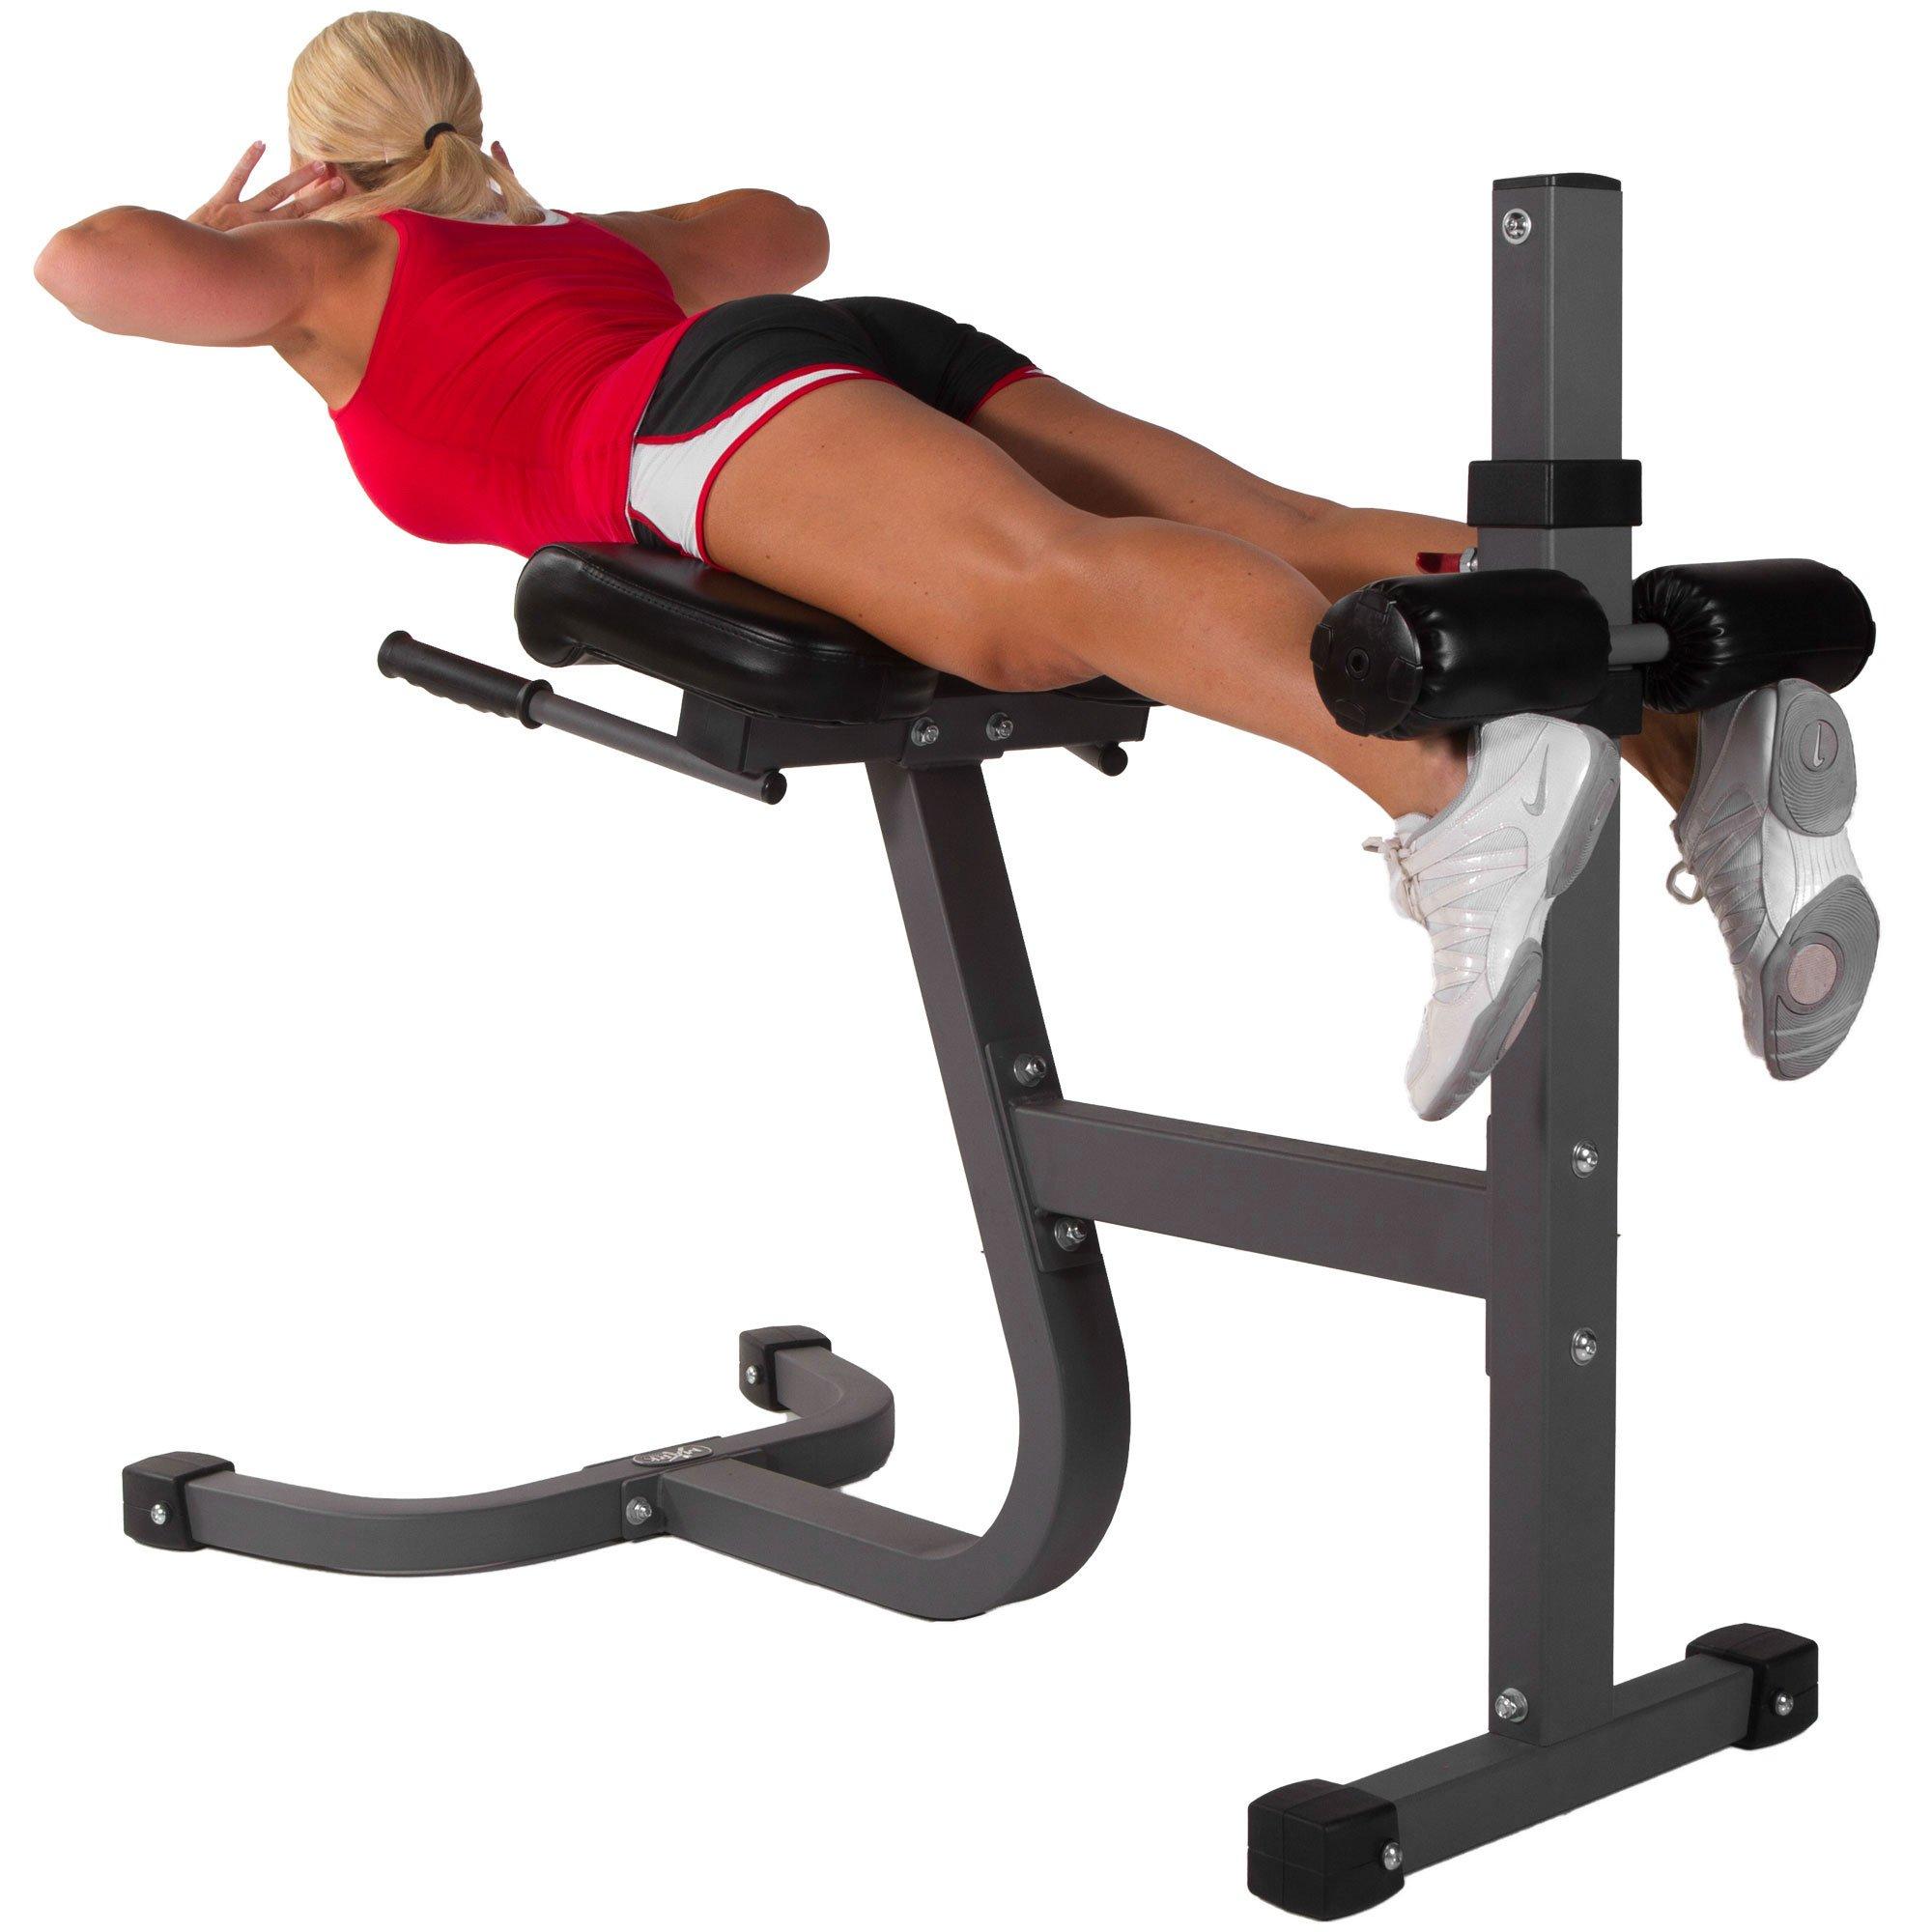 XMark 11-Gauge Roman Chair XM-7456 by XMark Fitness